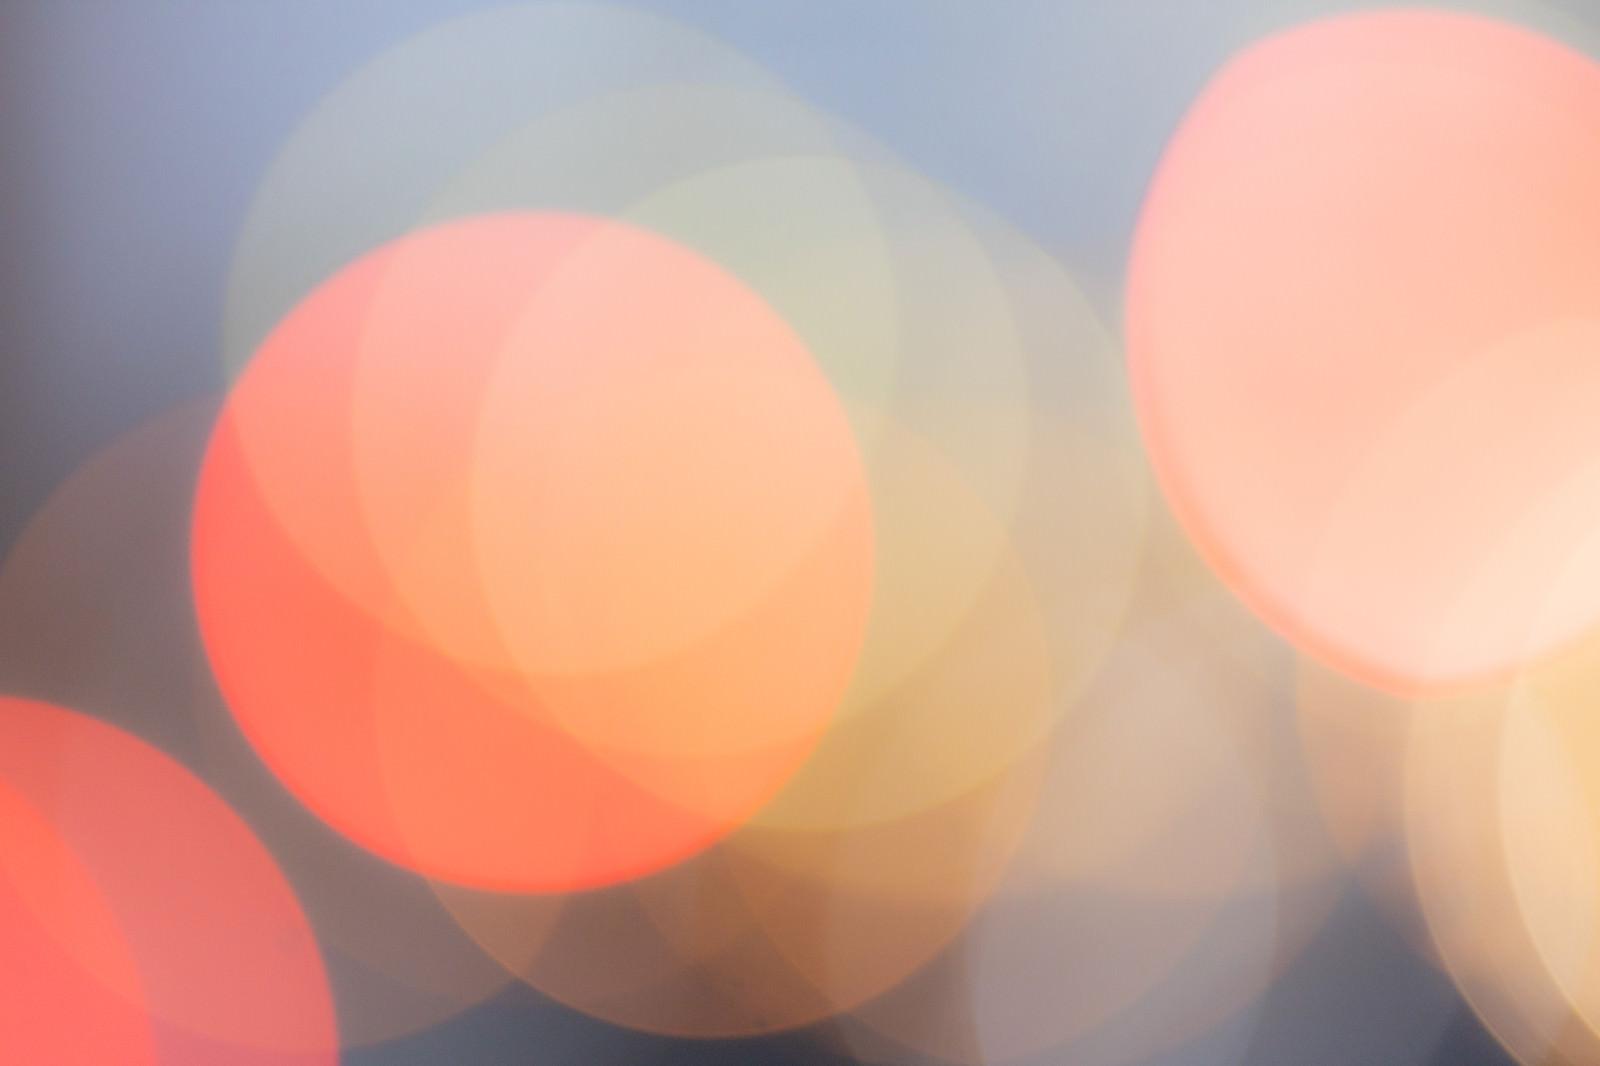 「赤く光る丸ボケの様子」の写真